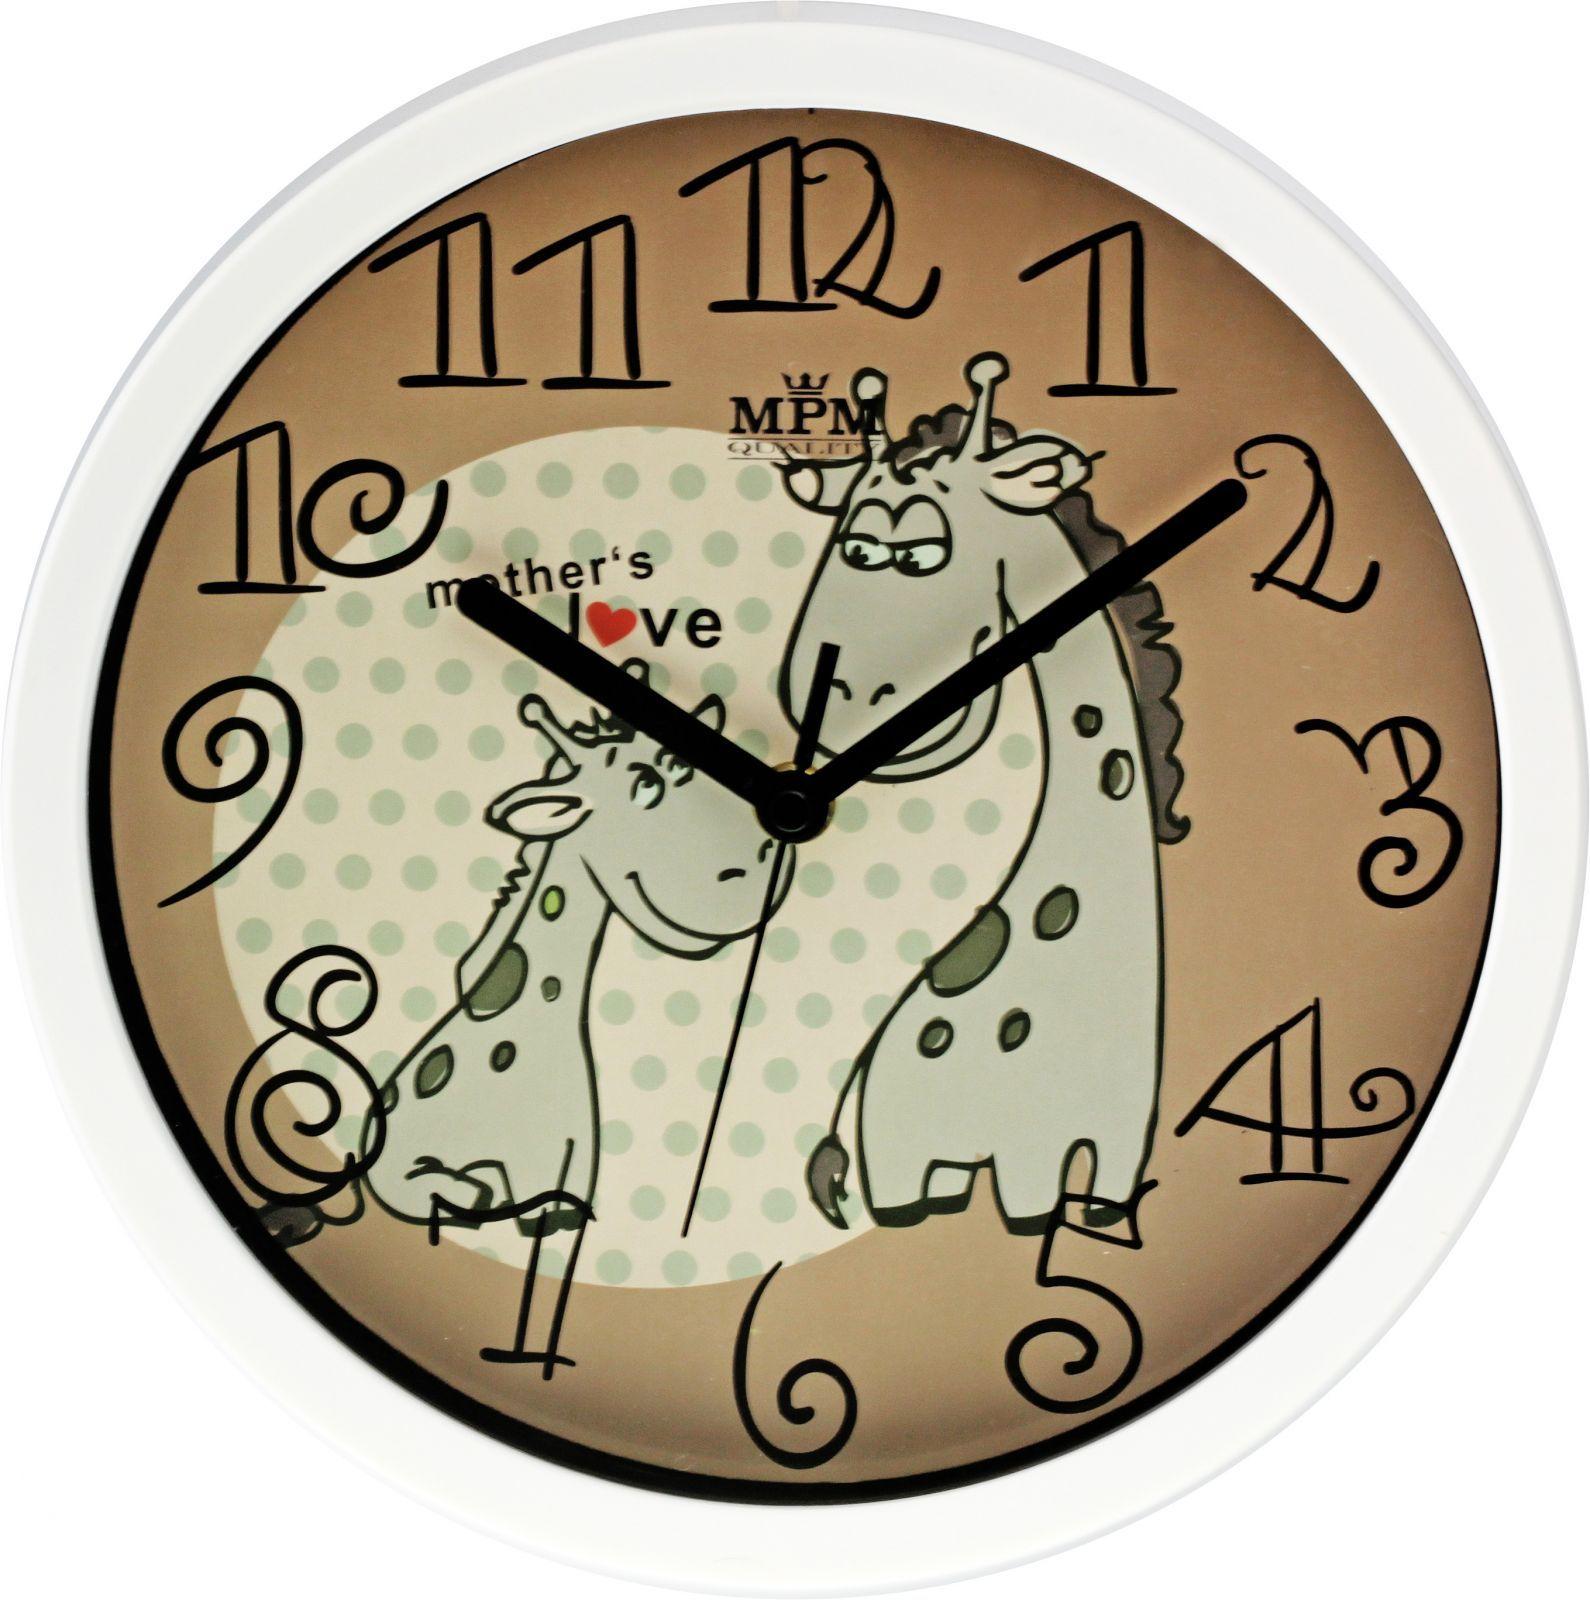 Bílohnědé dětské nástěnné hodiny s motivem žirafy v ciferníku..0232 167560 90cb705c68d